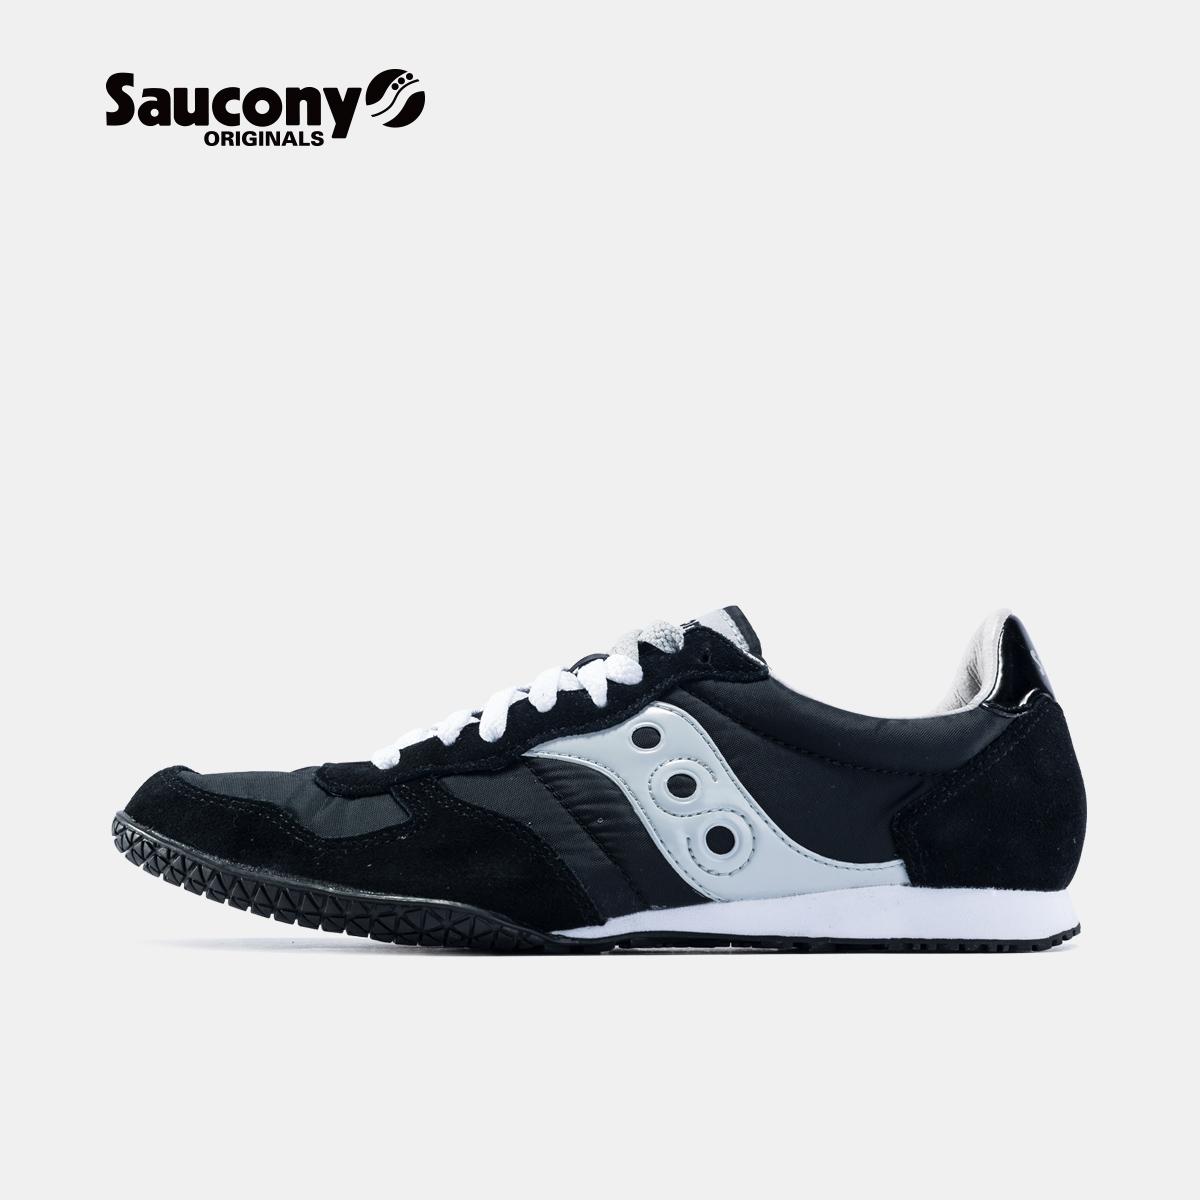 Saucony圣康尼BULLET轻便舒适透气耐磨运动鞋男子跑步鞋2943